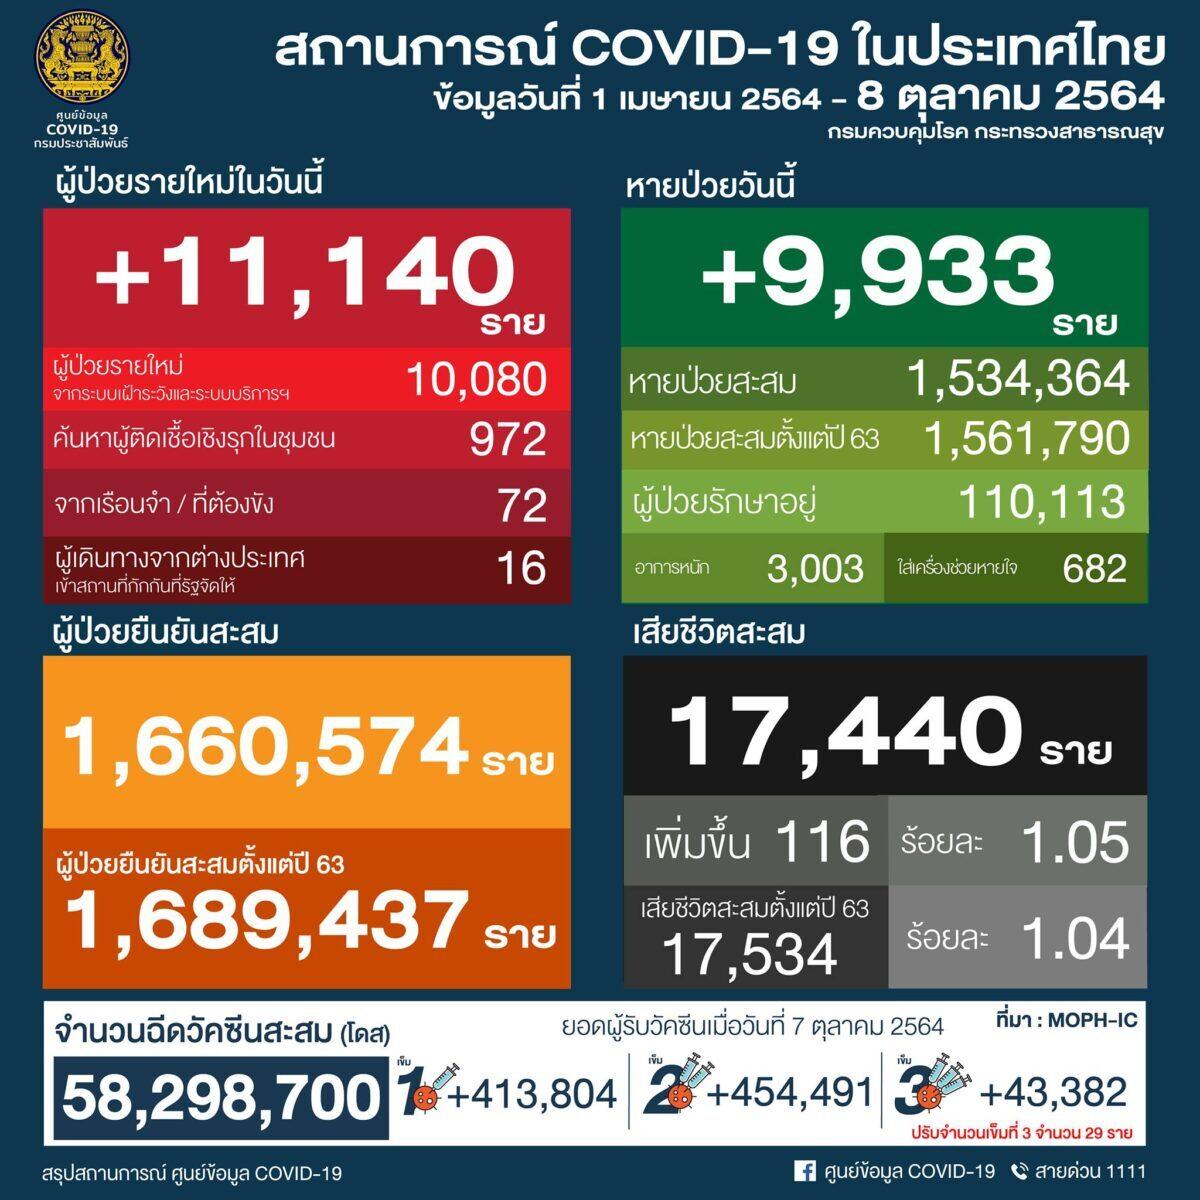 タイ 11,140人陽性 116人死亡/バンコク 1,255人陽性 28人死亡/プーケット 158人陽性[2021年10月8日発表]